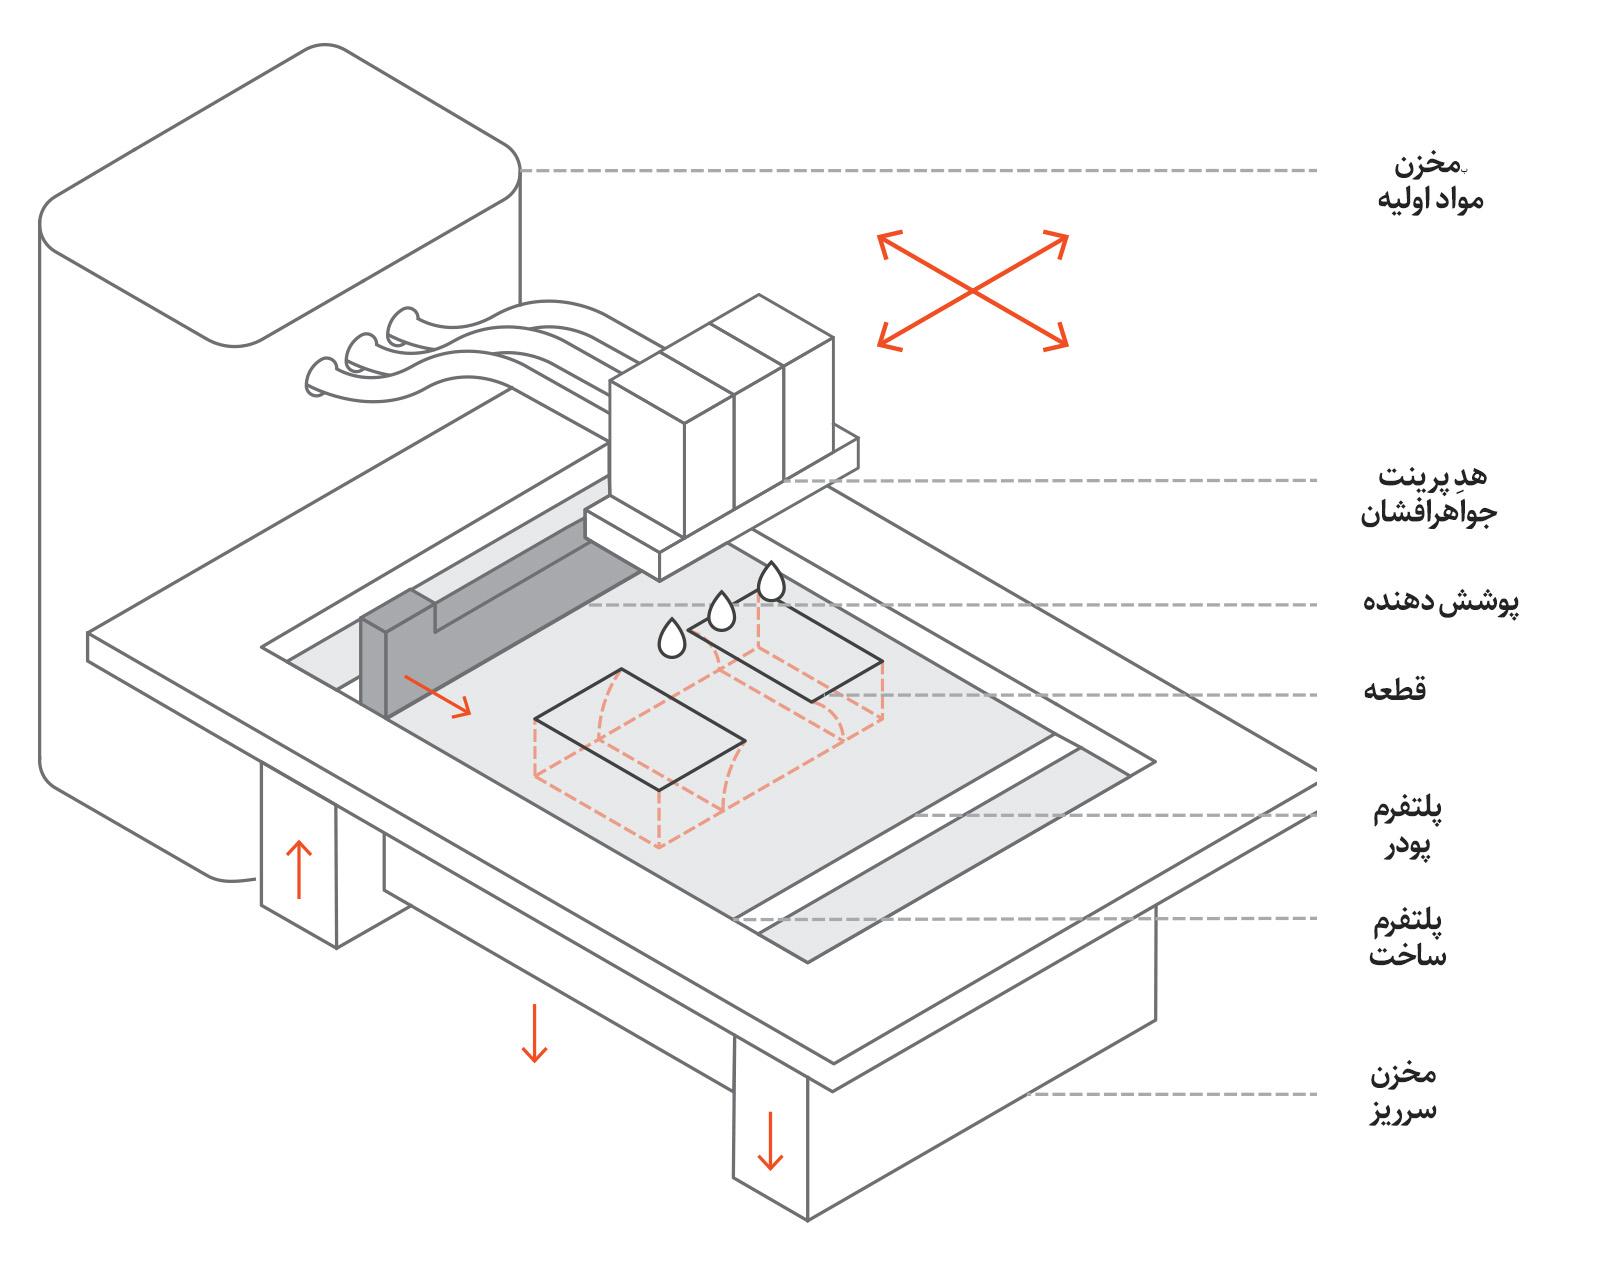 نمای شماتیک یک پرینتر سه بعدی بایندرجت